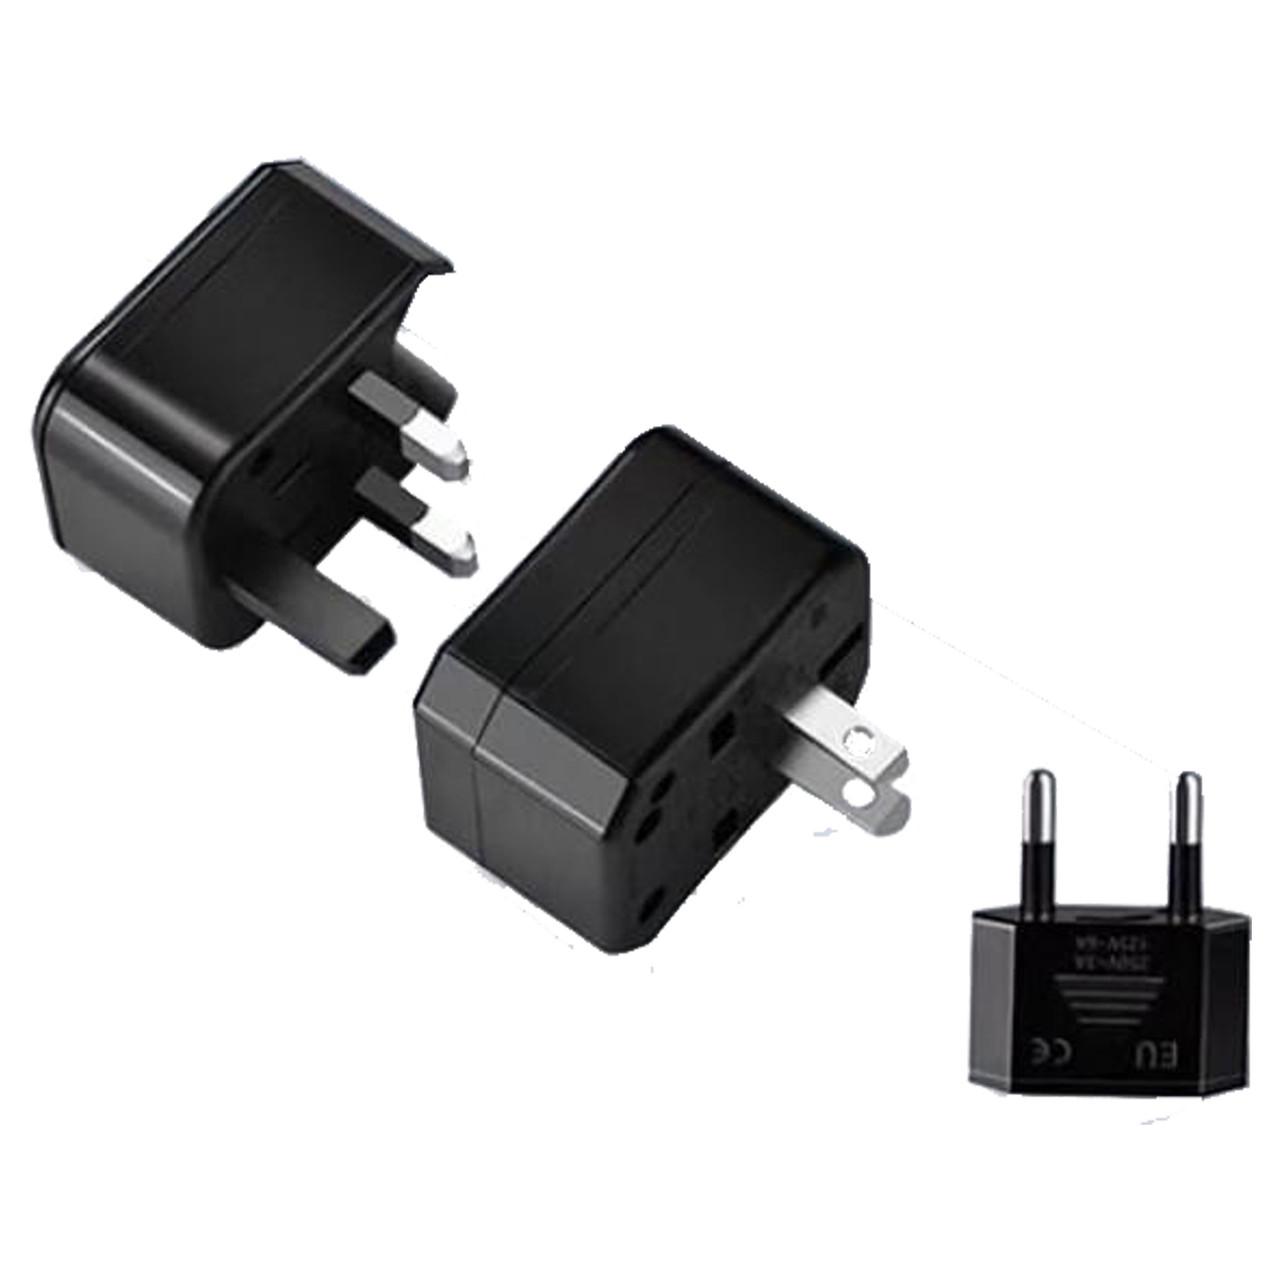 Сетевой переходник Konfulon UC01 5-9V/1-1,2A MultiStandart Black